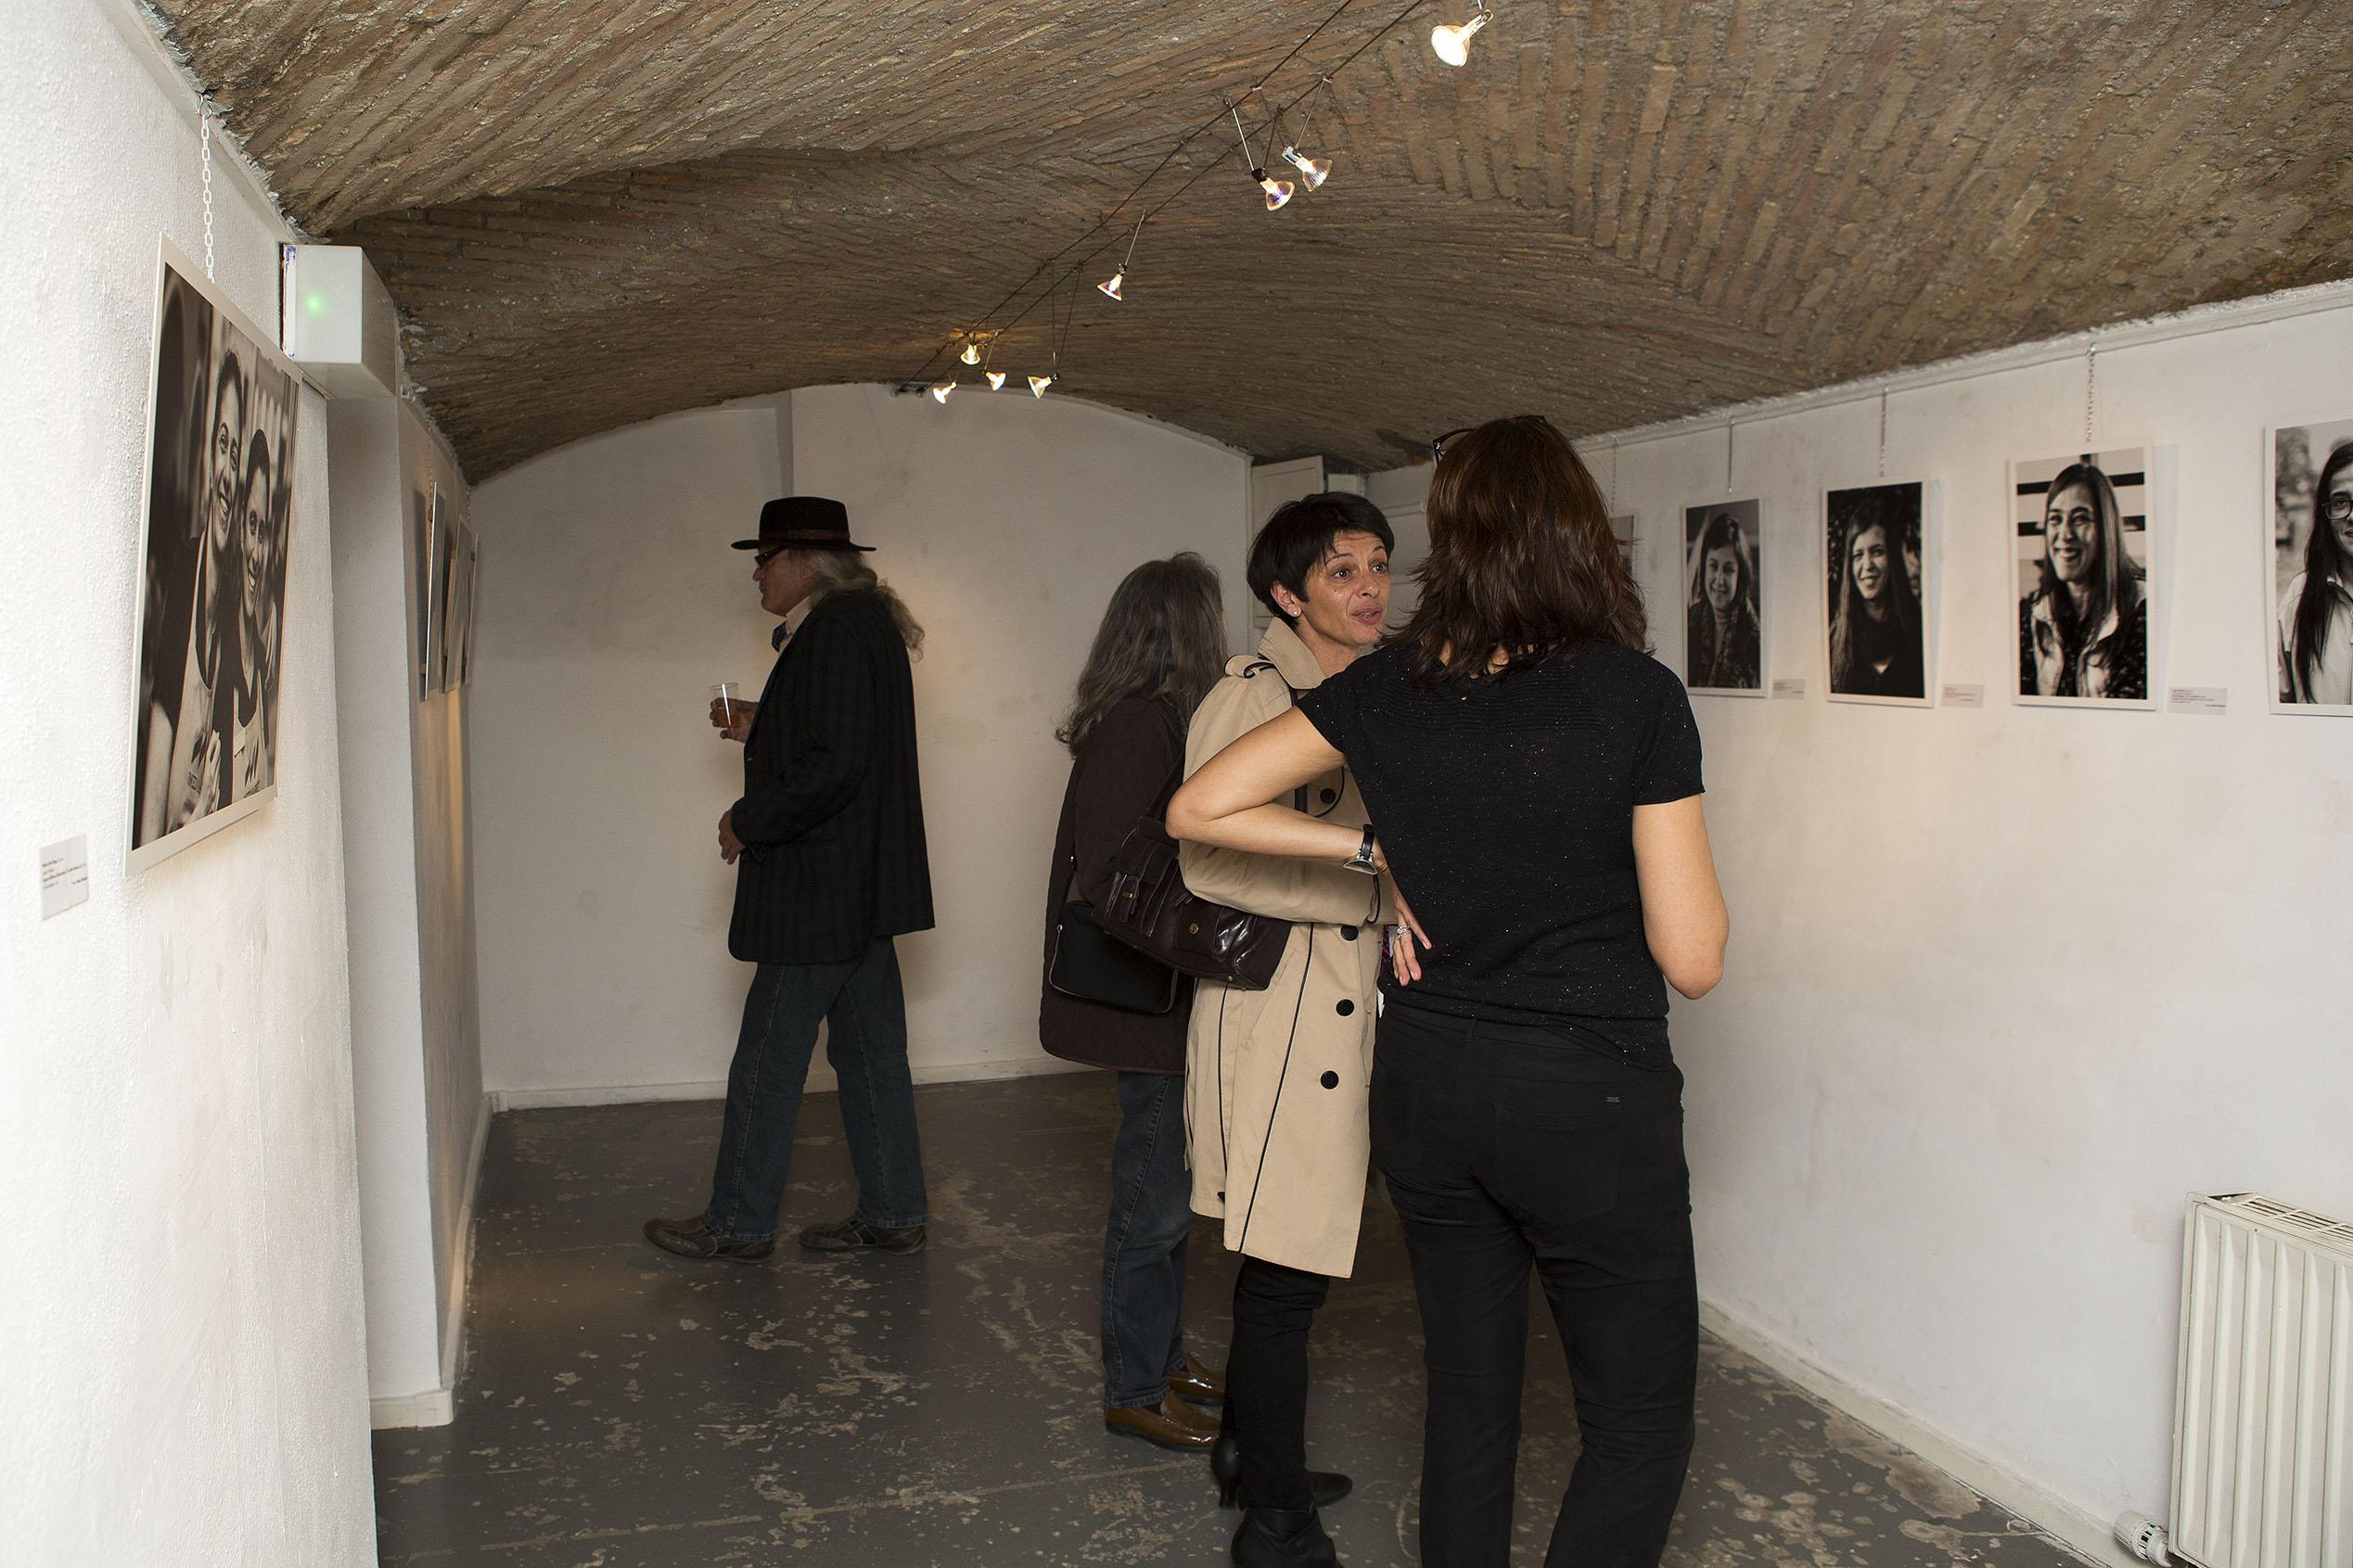 Le vernissage a eu lieu vendredi 10 mars. L'exposition se poursuit jusqu'au 26 mars.